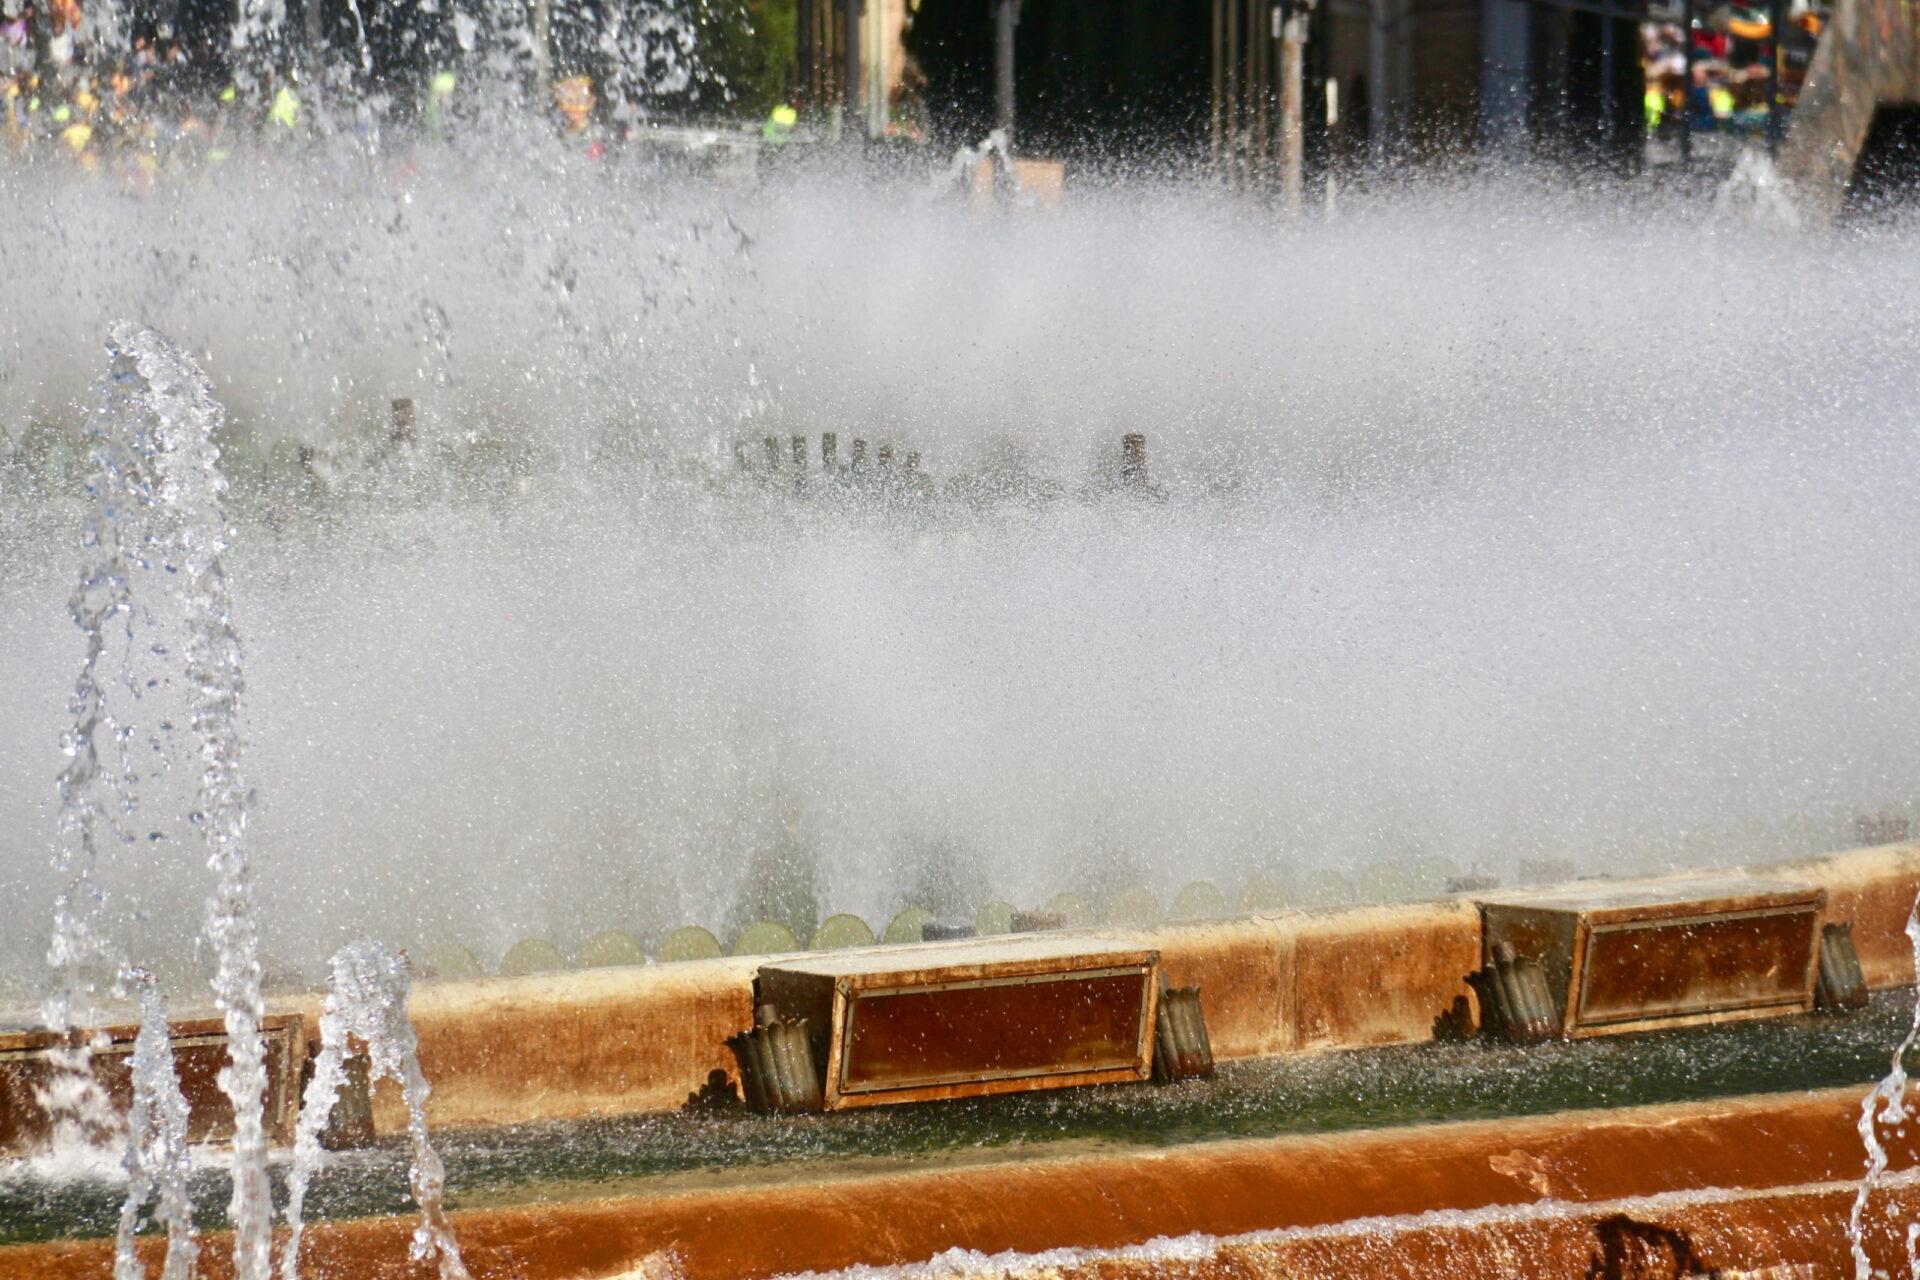 Был такой конкурс «Испанские каникулы»))) Барселона. Монтжуик, площадь Испании инемного протеста.